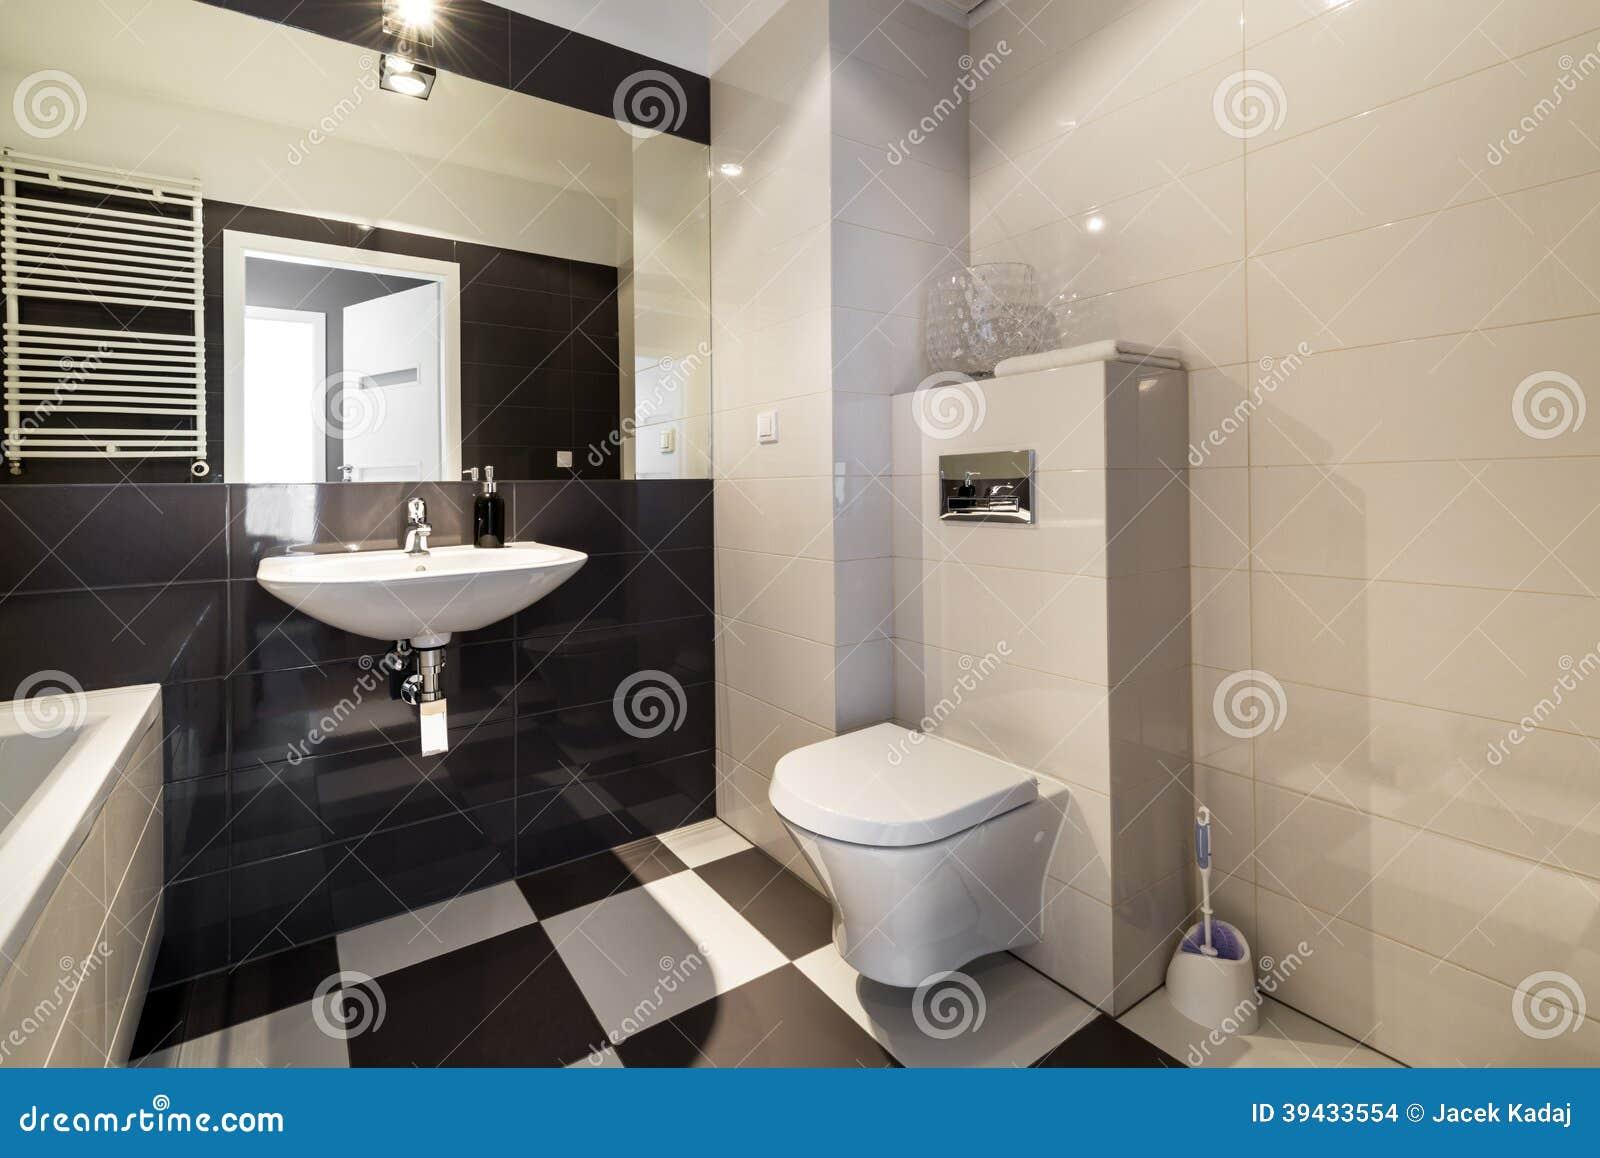 Bagno moderno nel colore beige fotografia stock immagine di bello bagno 39433554 - Bagno marrone e beige ...